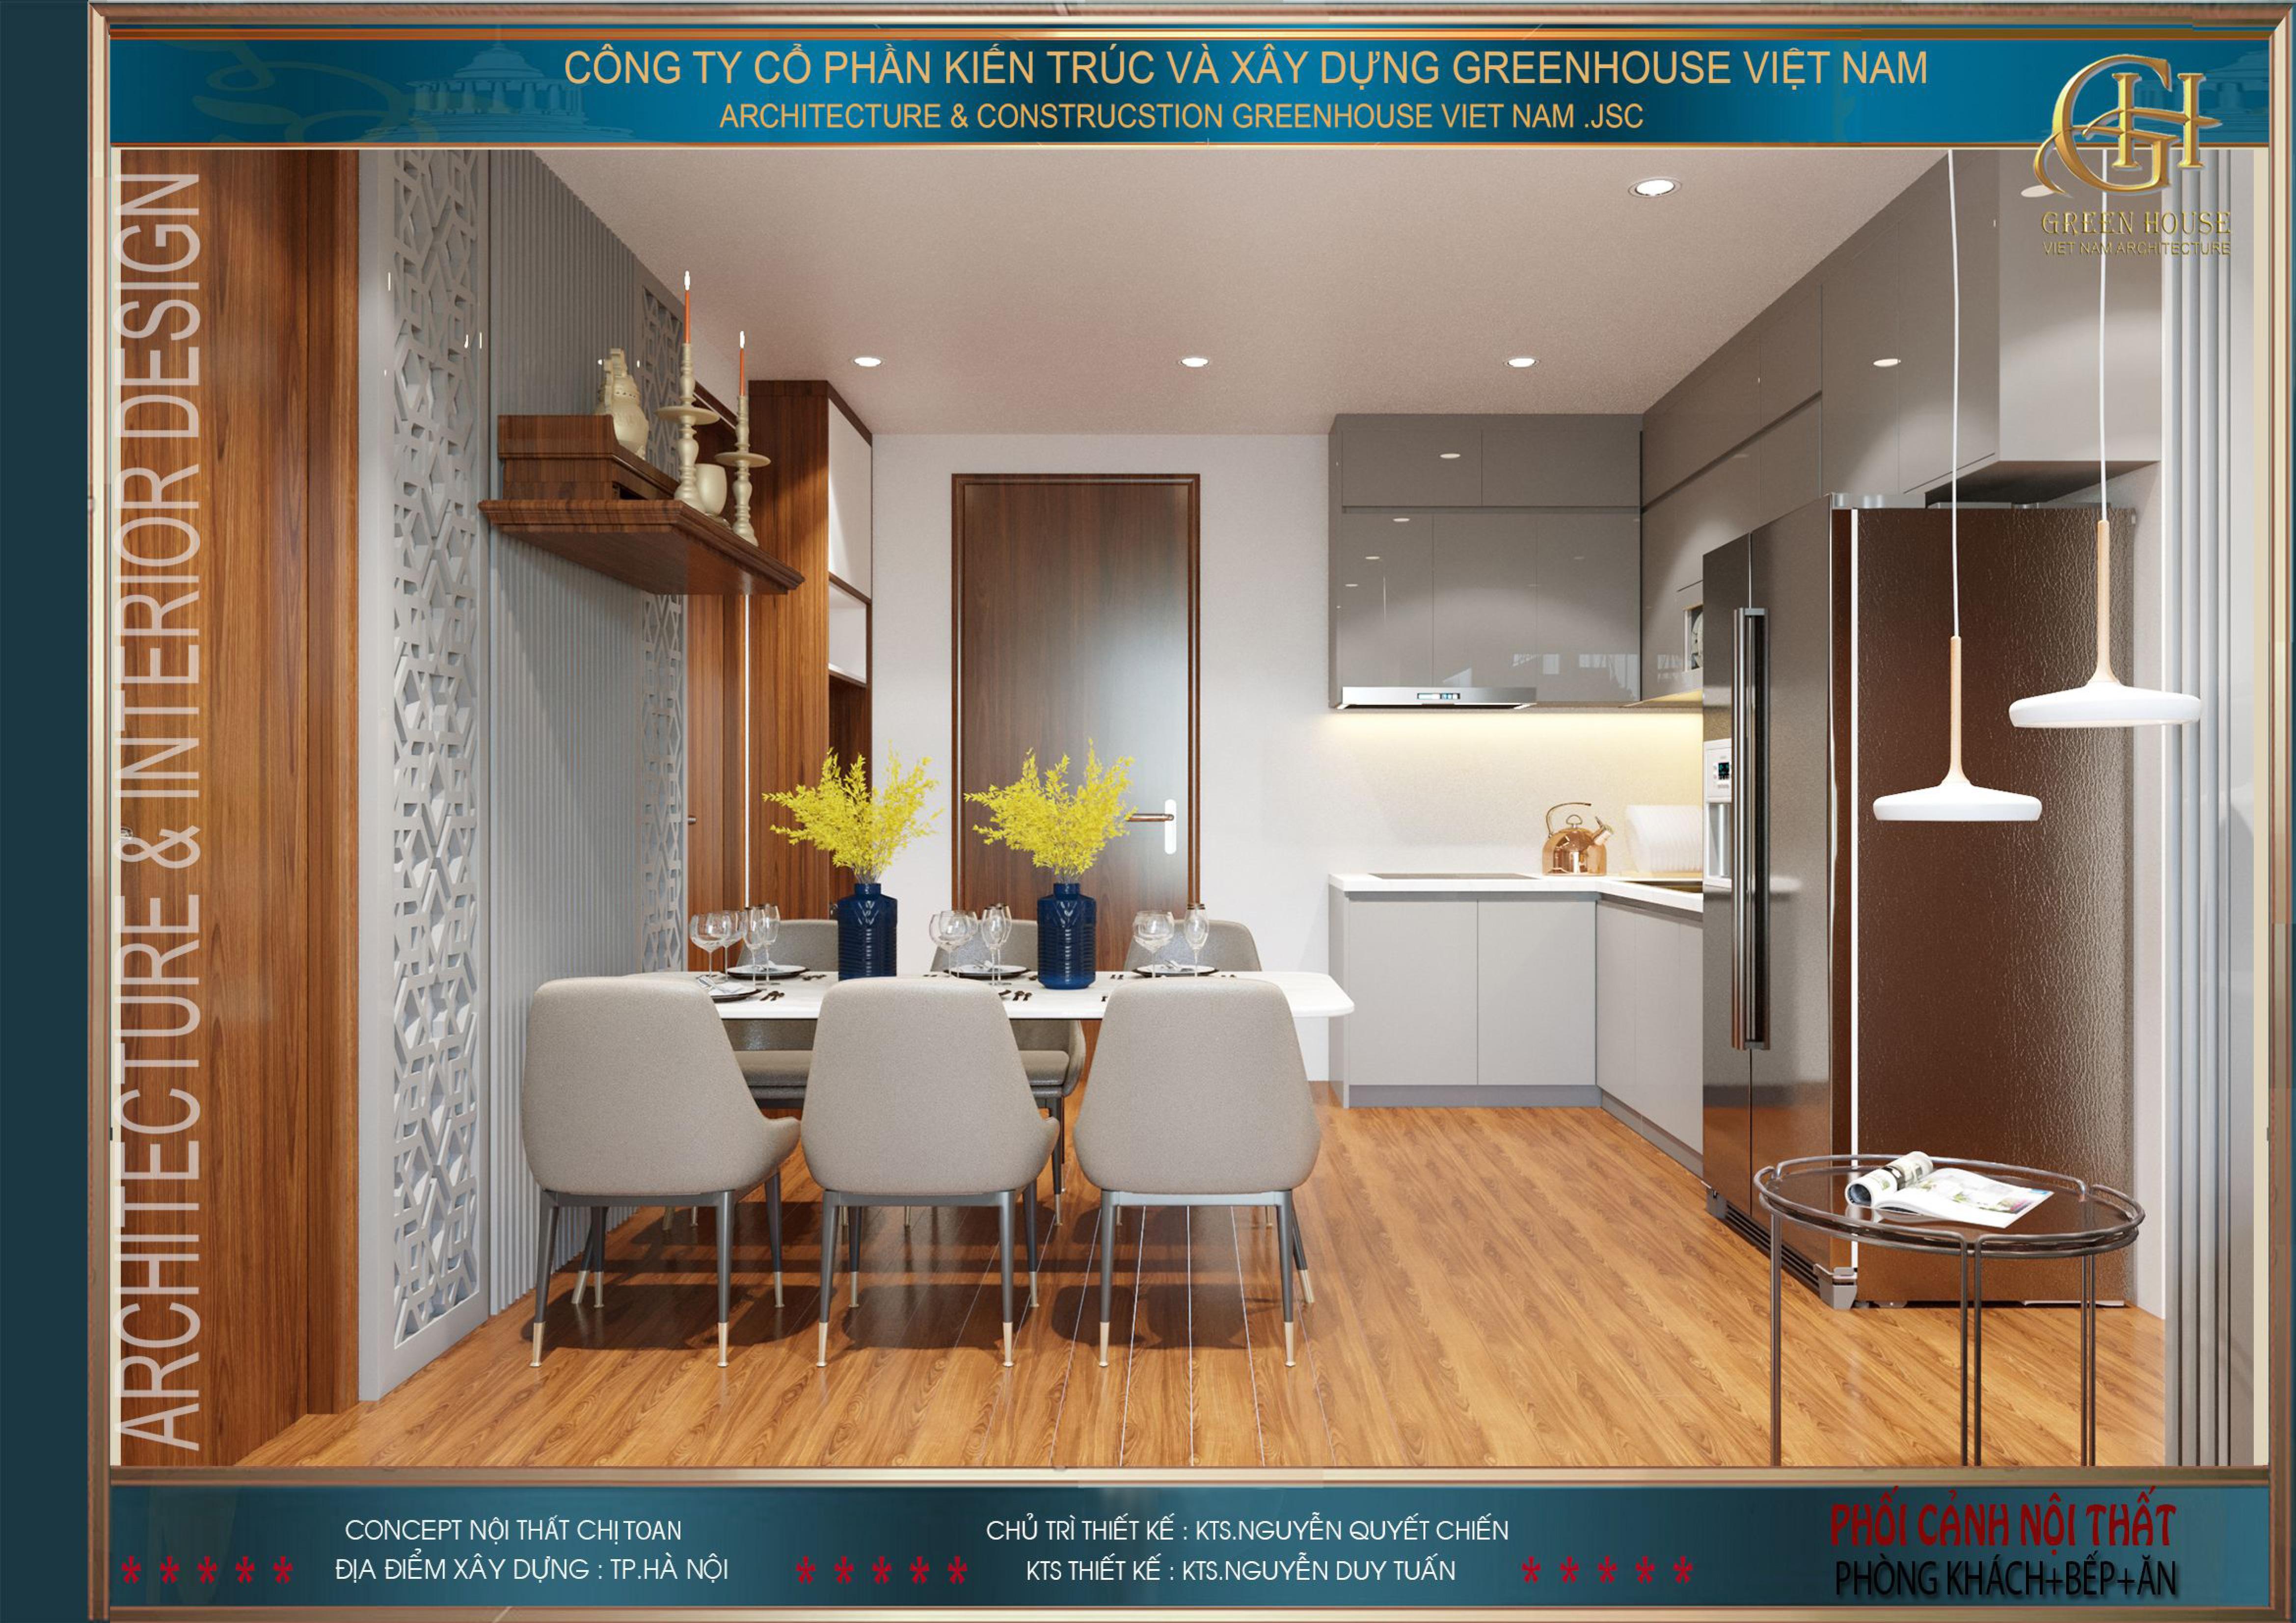 Nội thất phòng bếp và phòng ăn được thiết kế khoa học, gọn gàng